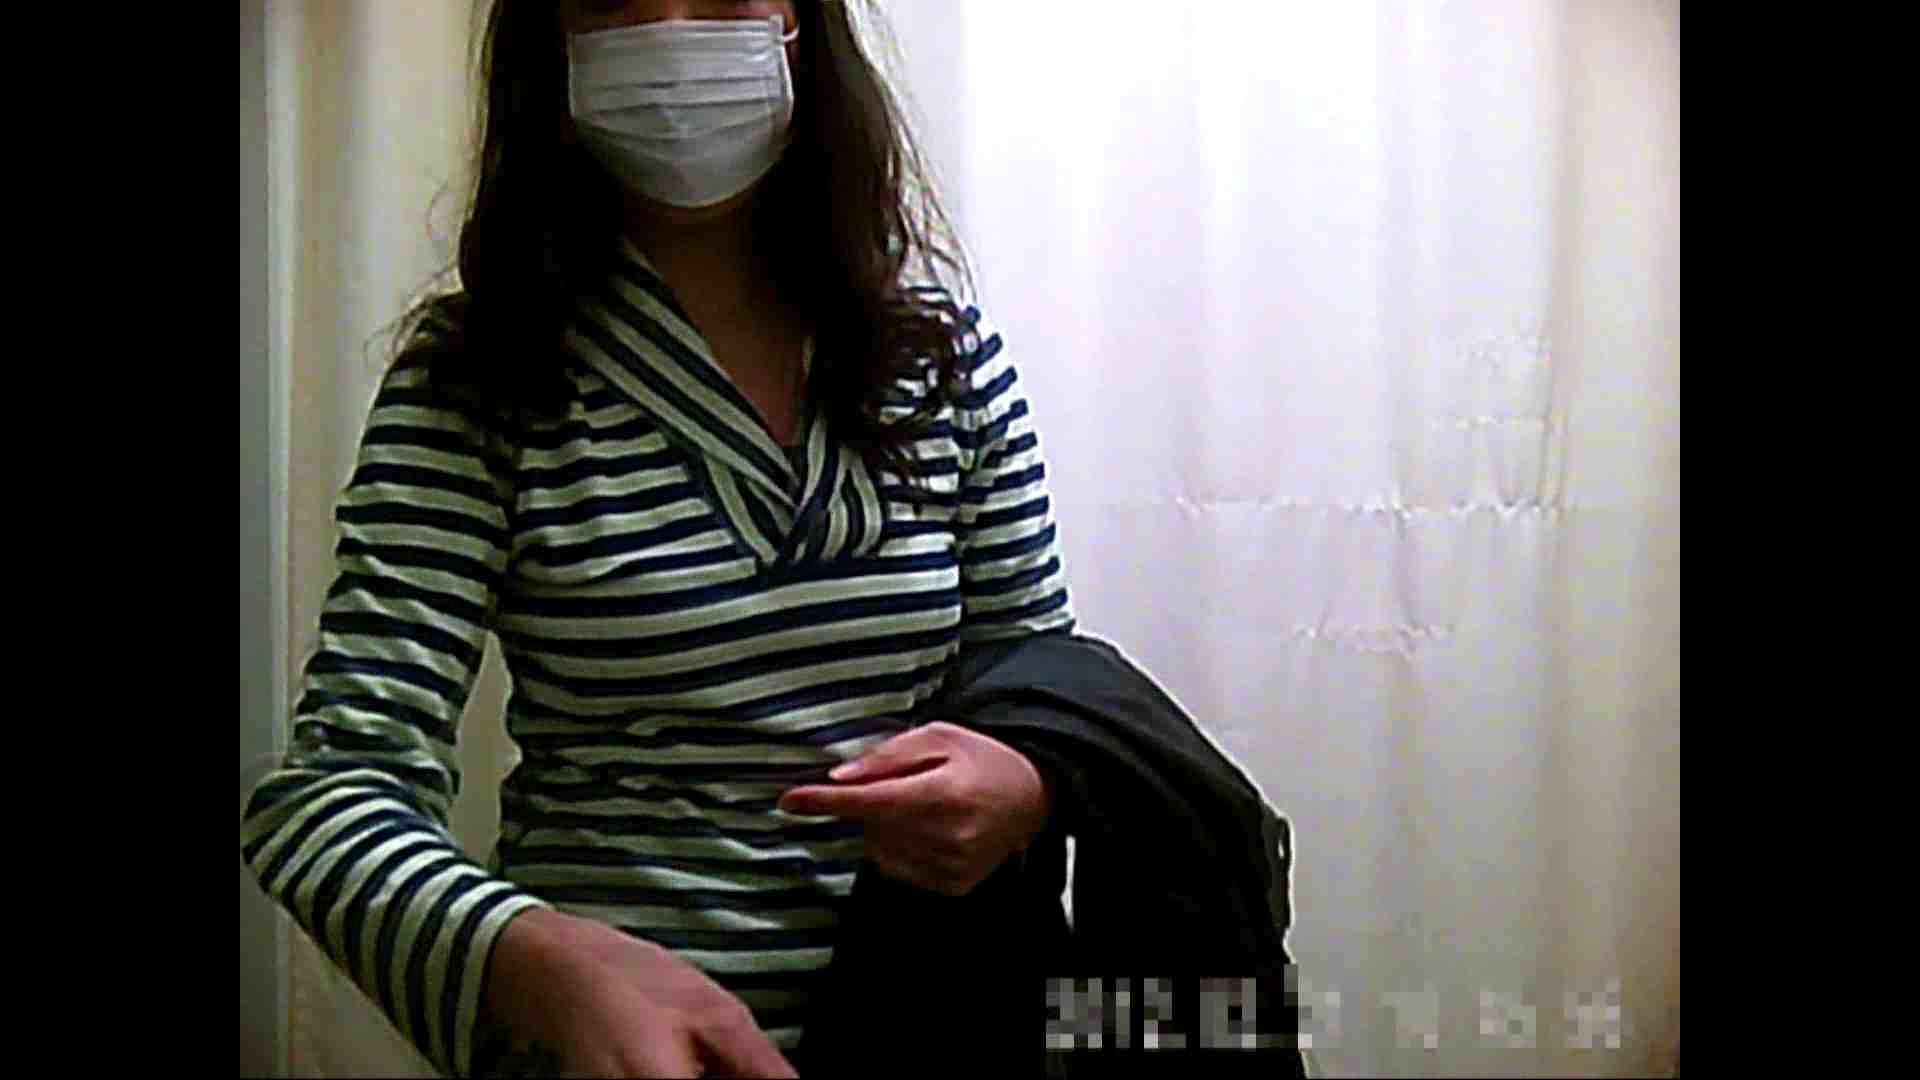 元医者による反抗 更衣室地獄絵巻 vol.036 盛合せ オマンコ無修正動画無料 84枚 77